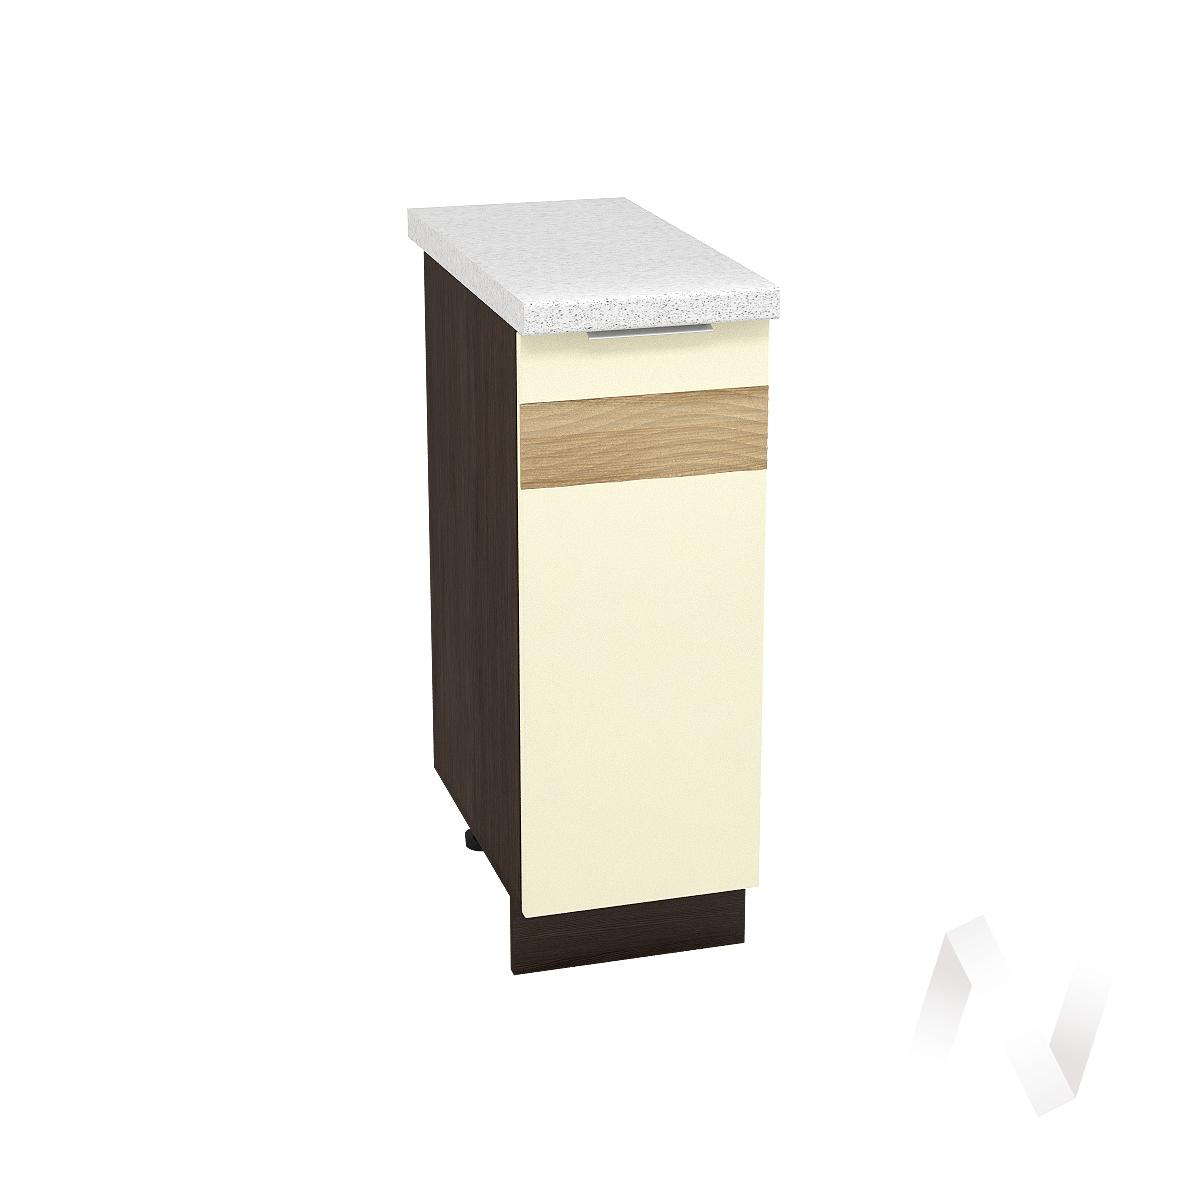 """Кухня """"Терра"""": Шкаф нижний левый 300, ШН 300 (ваниль софт/ель карпатская/корпус венге)"""